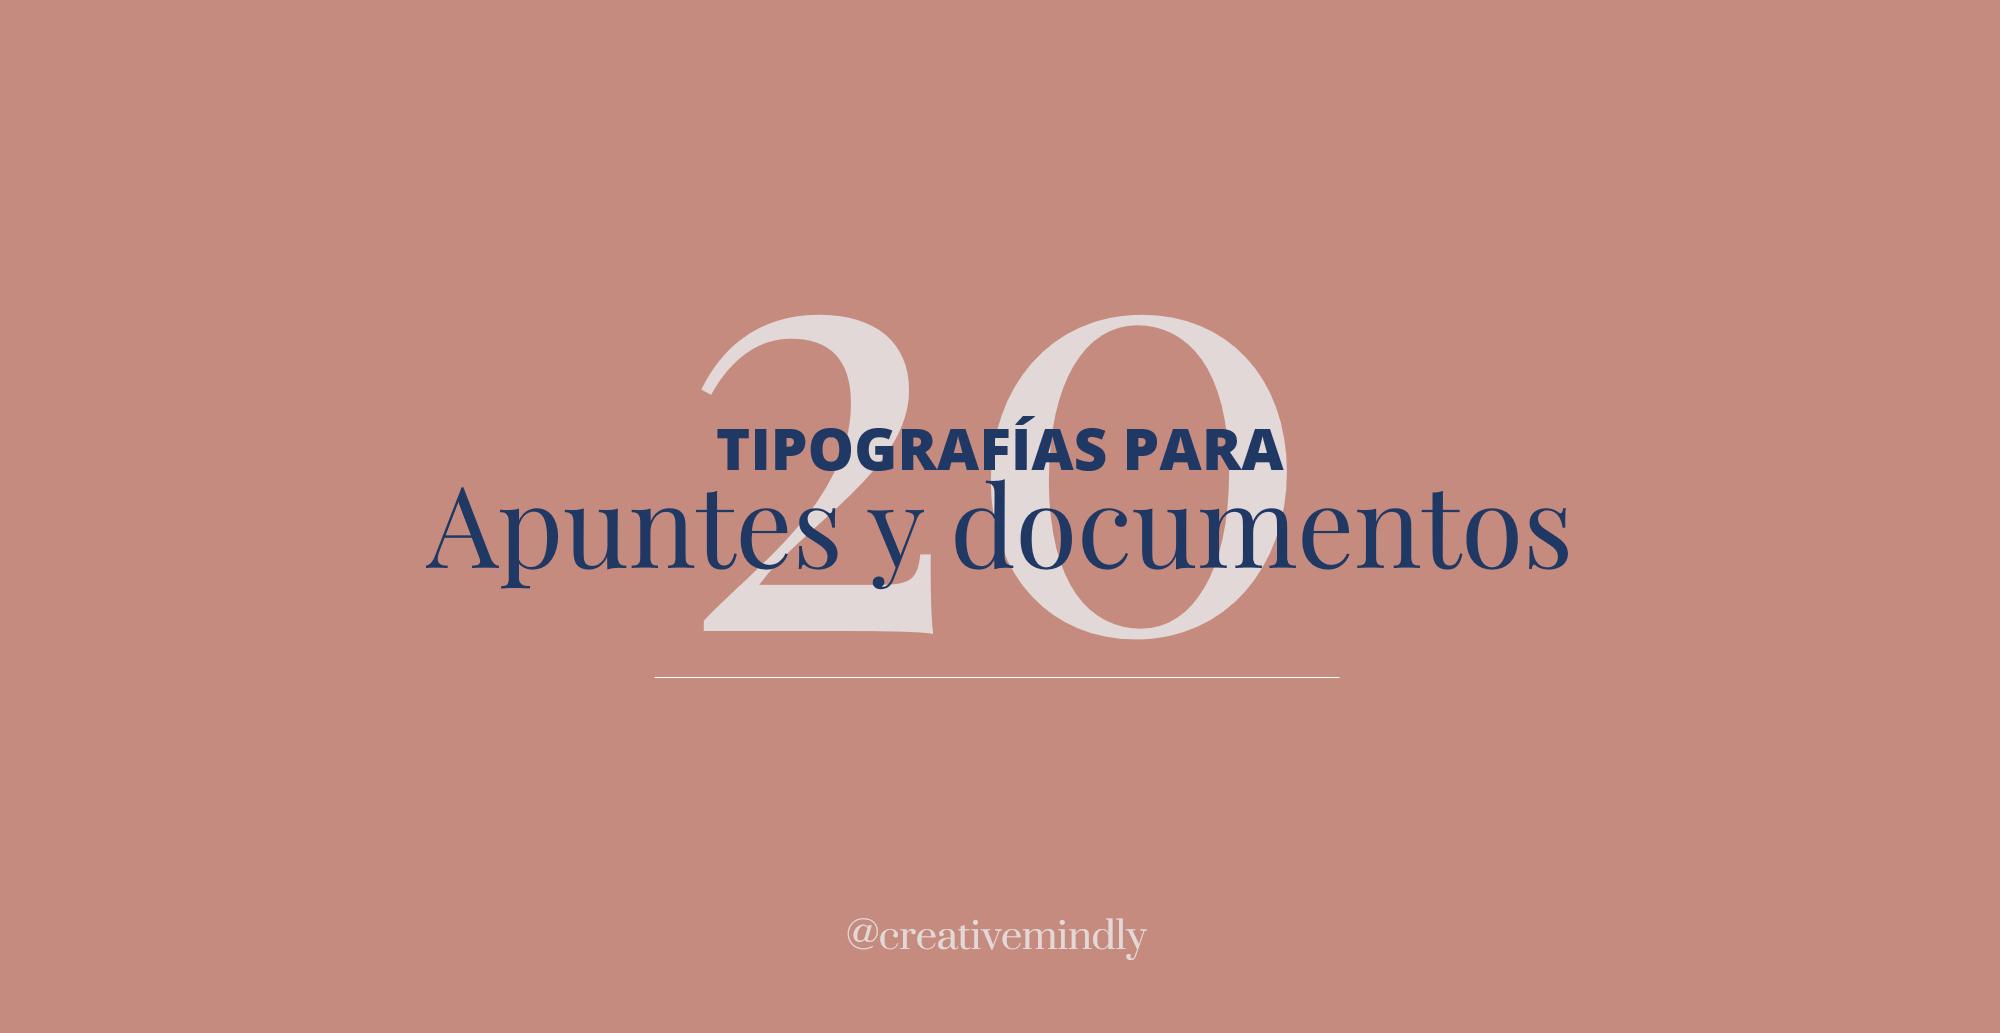 tipografias letras documentos y apuntes